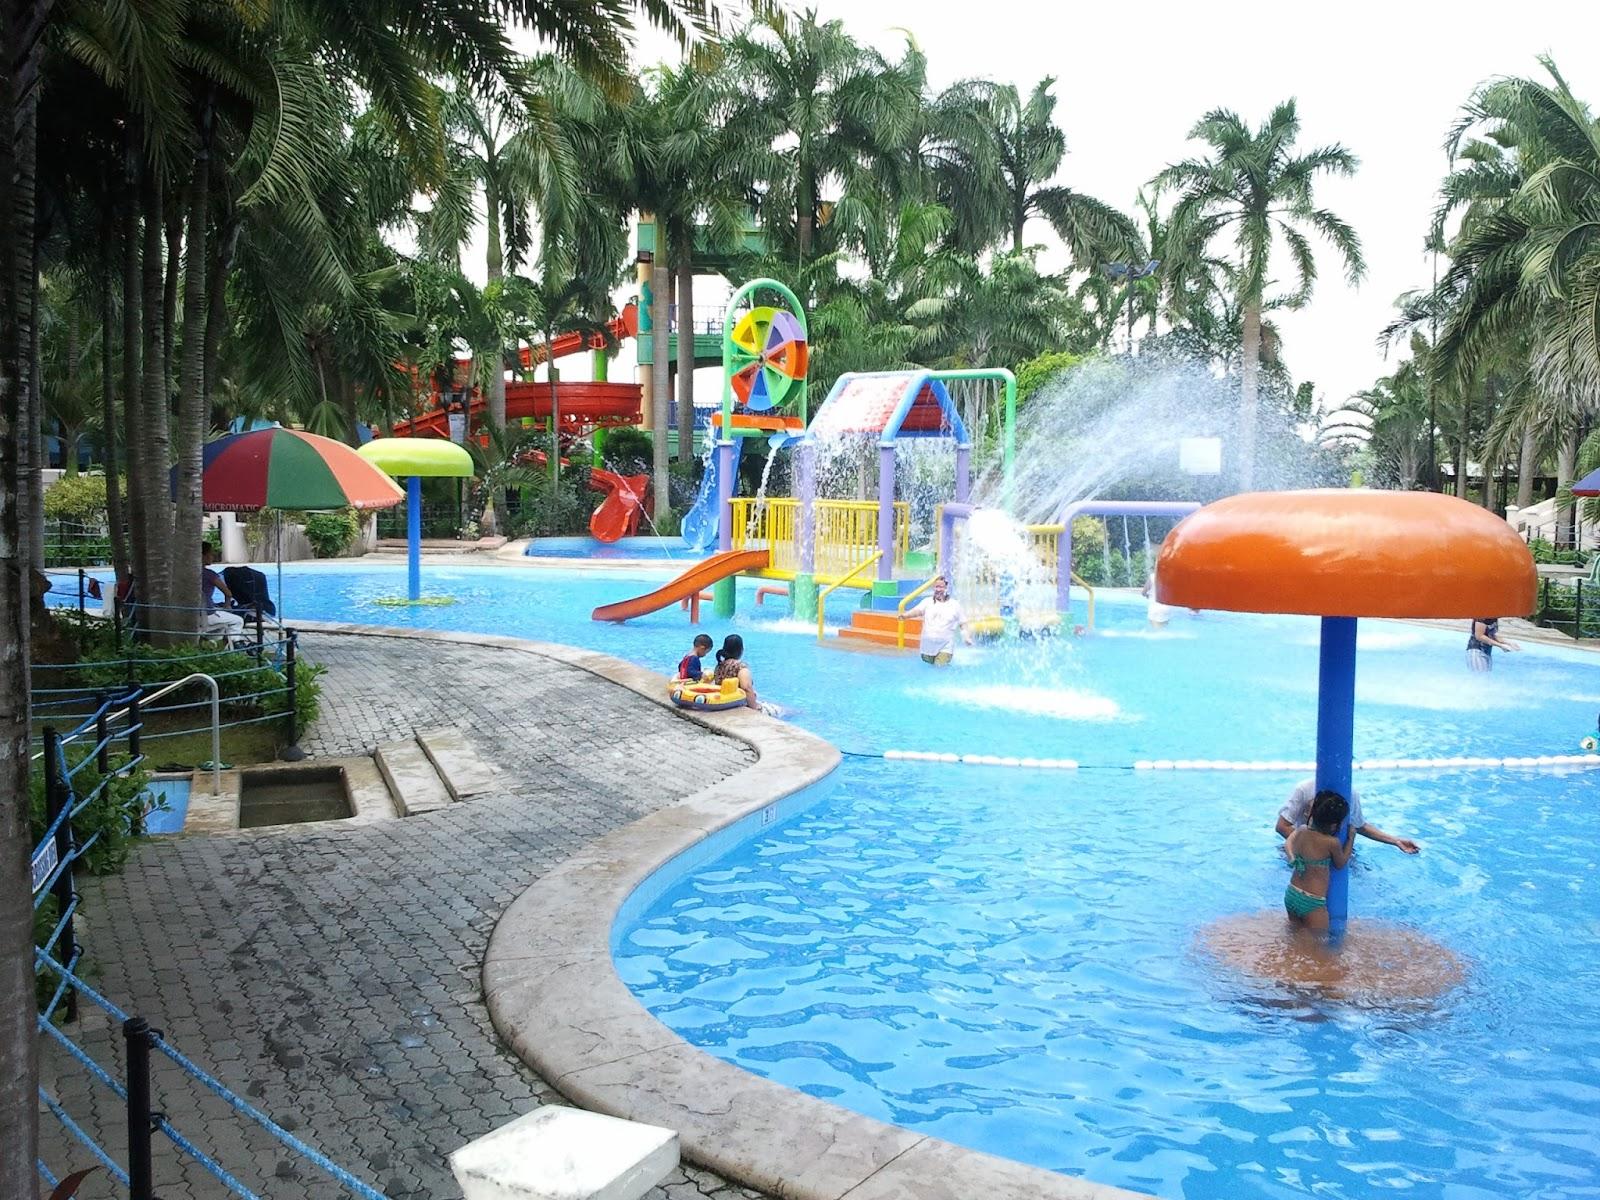 Water Camp Resort Kawit Cavite